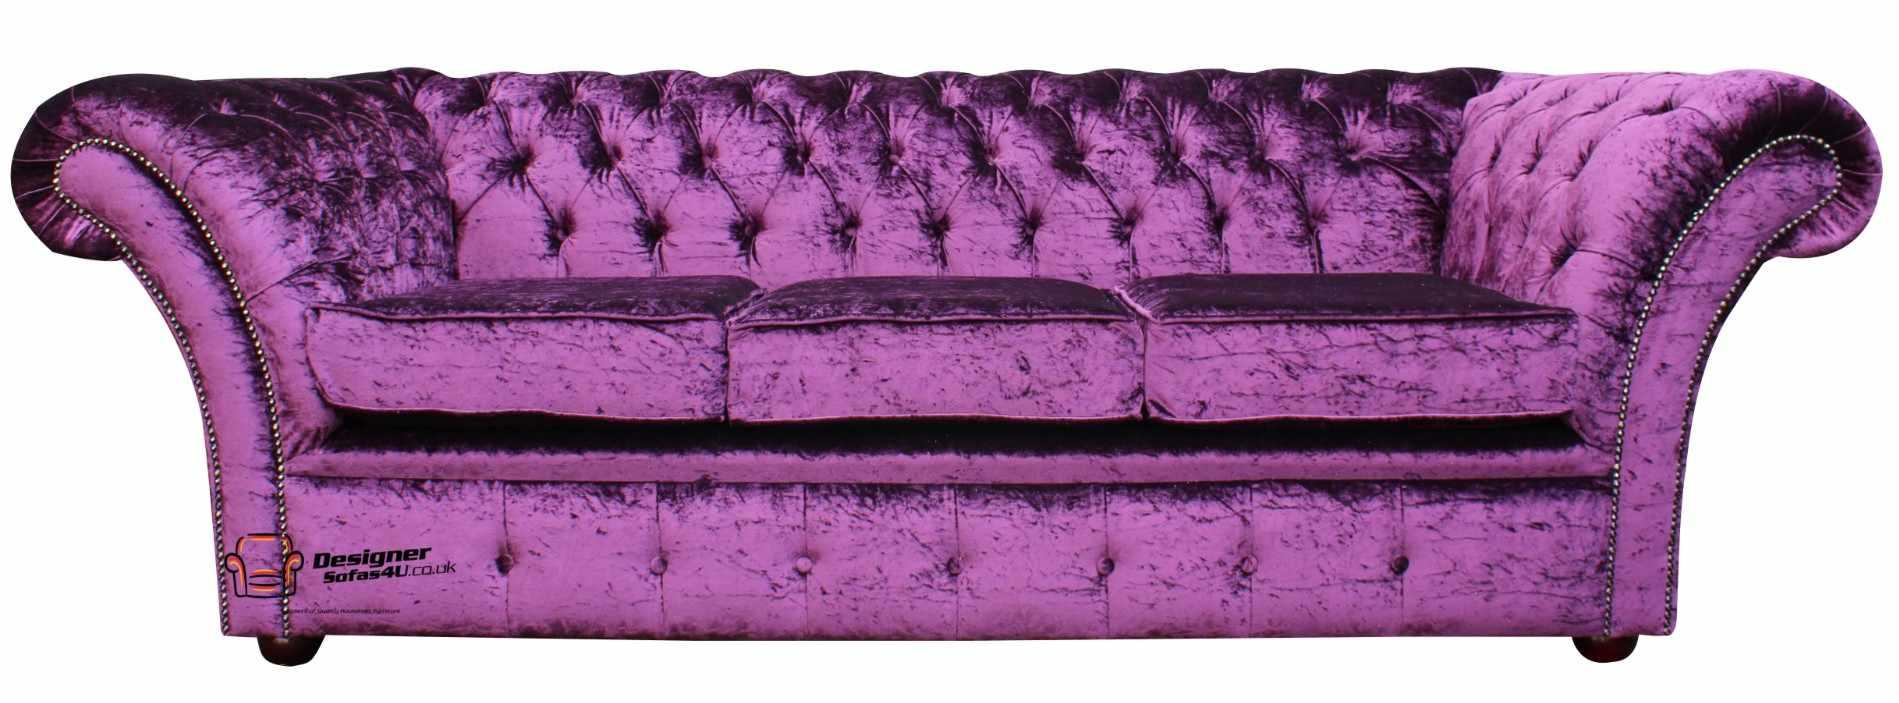 velvet chesterfield sofa uk shop at designer sofas 4u. Black Bedroom Furniture Sets. Home Design Ideas